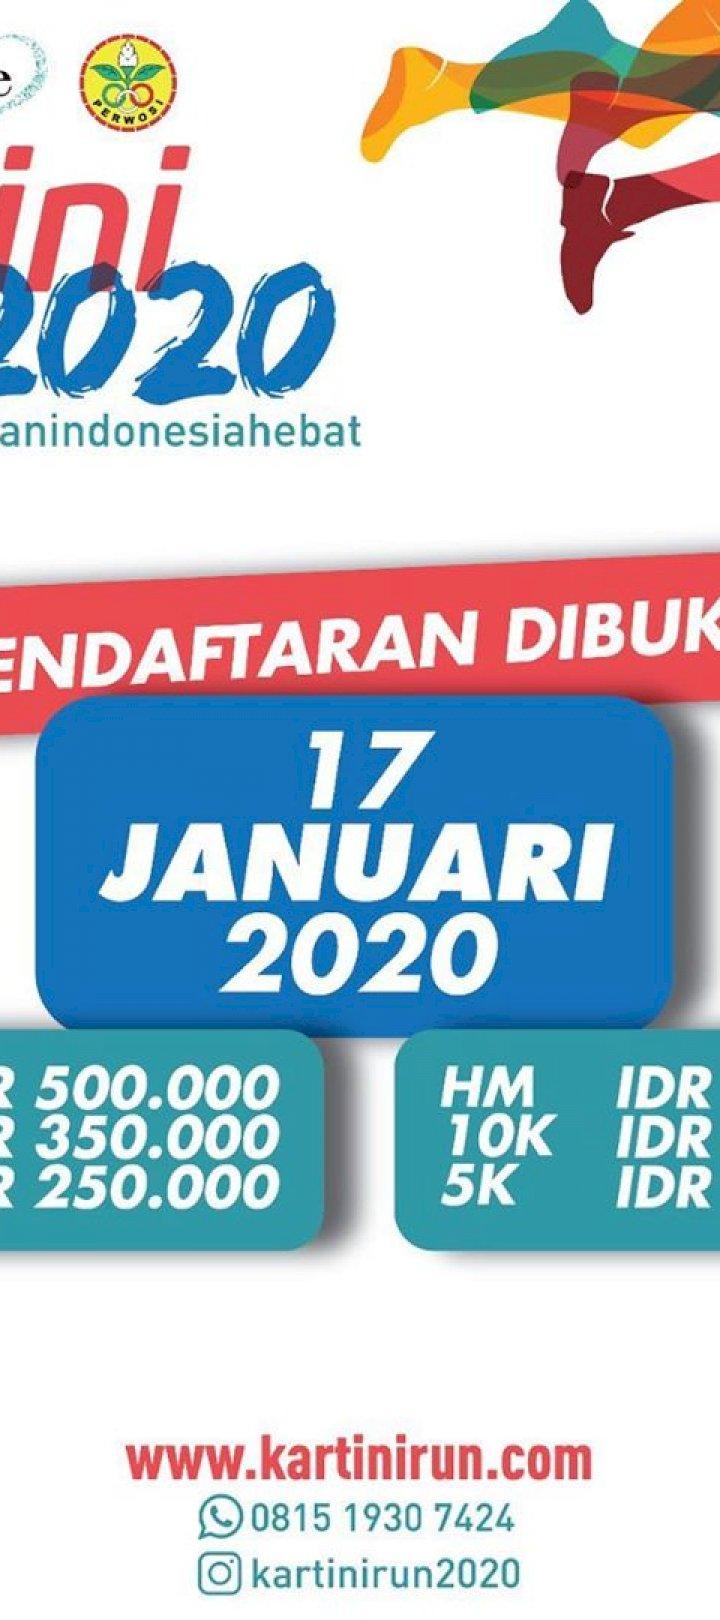 Kartini Run 2020